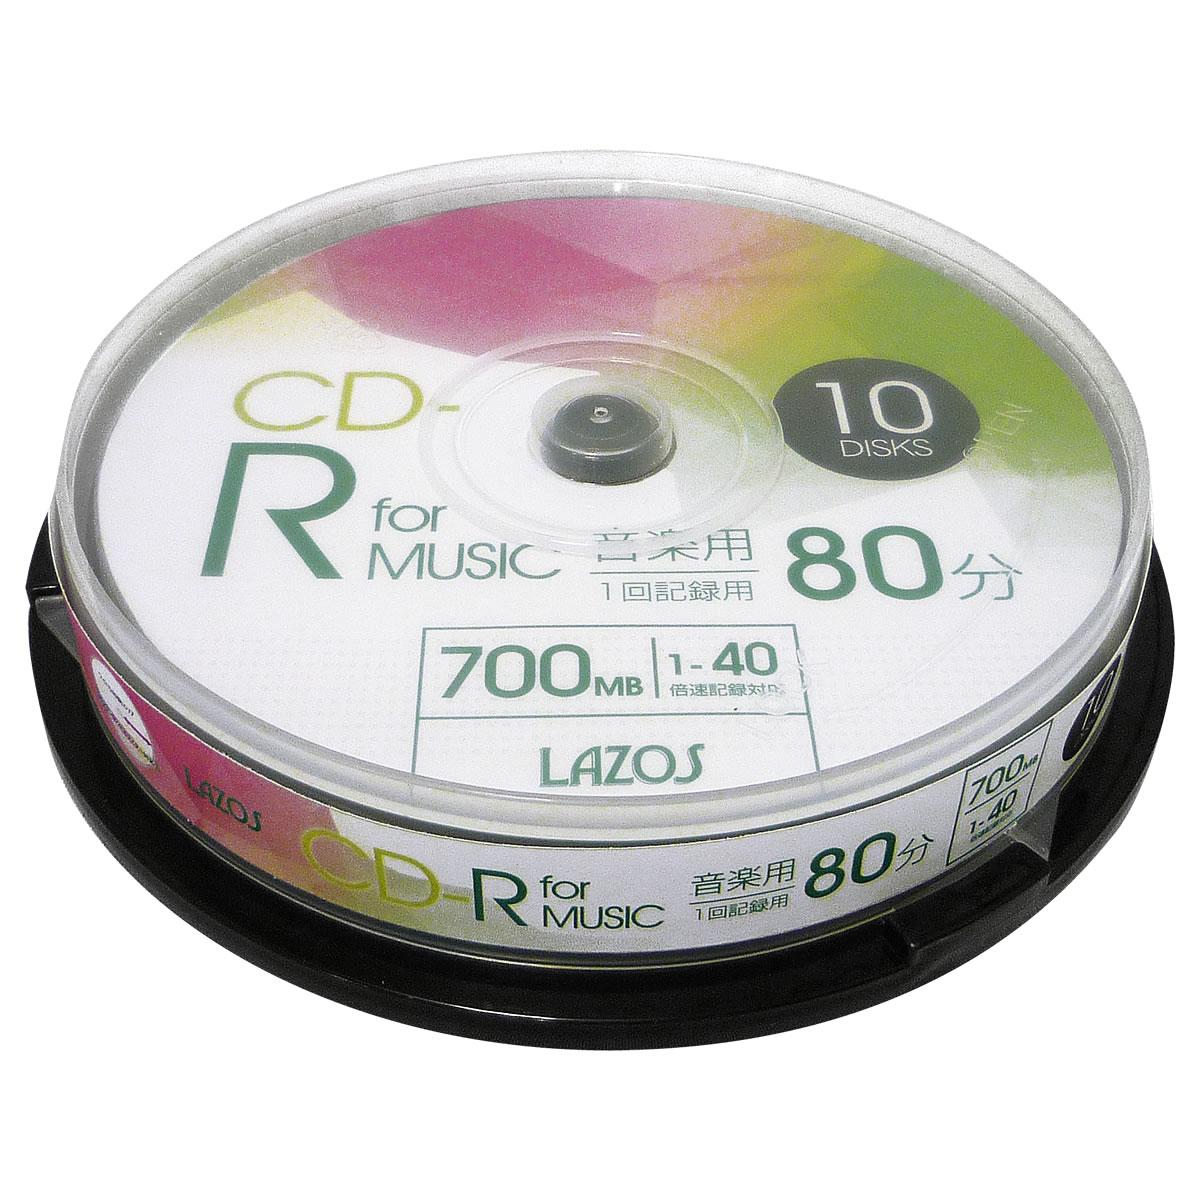 〓MOON〓音楽用で安心 音楽録音用CDレコーダーで録音 レーベルホワイトプリンタブル(ワイド対応) 送料無料メール便 CD-R 80分 音楽用 10枚組スピンドルケース入 40倍速対応 ホワイトワイド印刷対応 L-MCD10P/2822 Lazosx1個